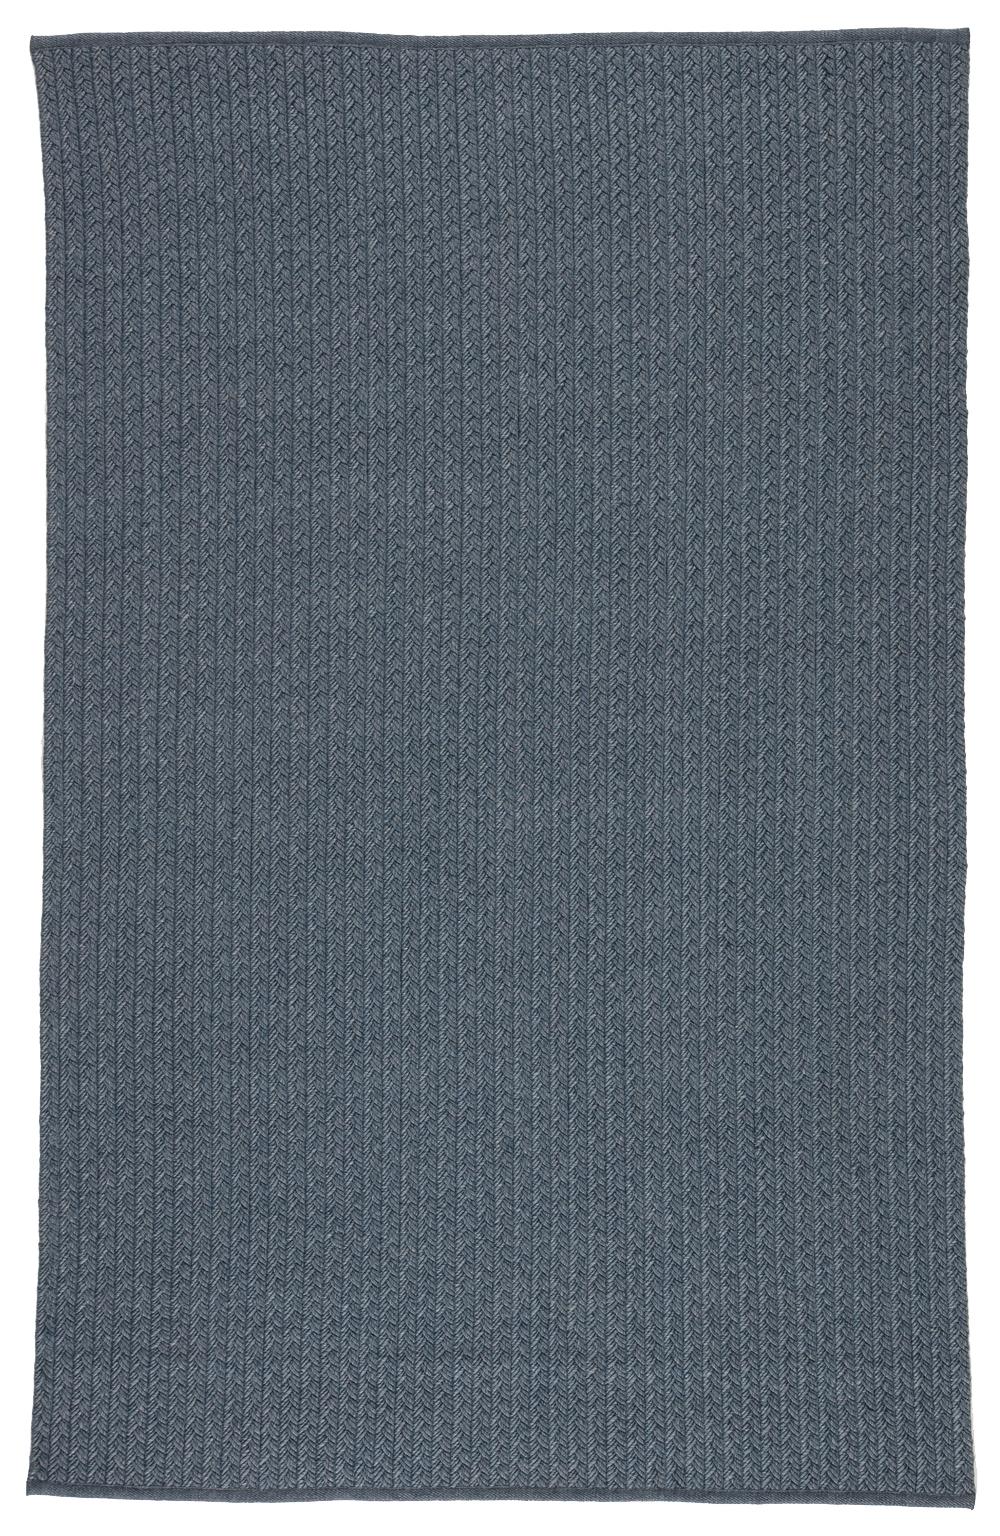 Lorna Indoor/Outdoor Rug, Blue/Gray